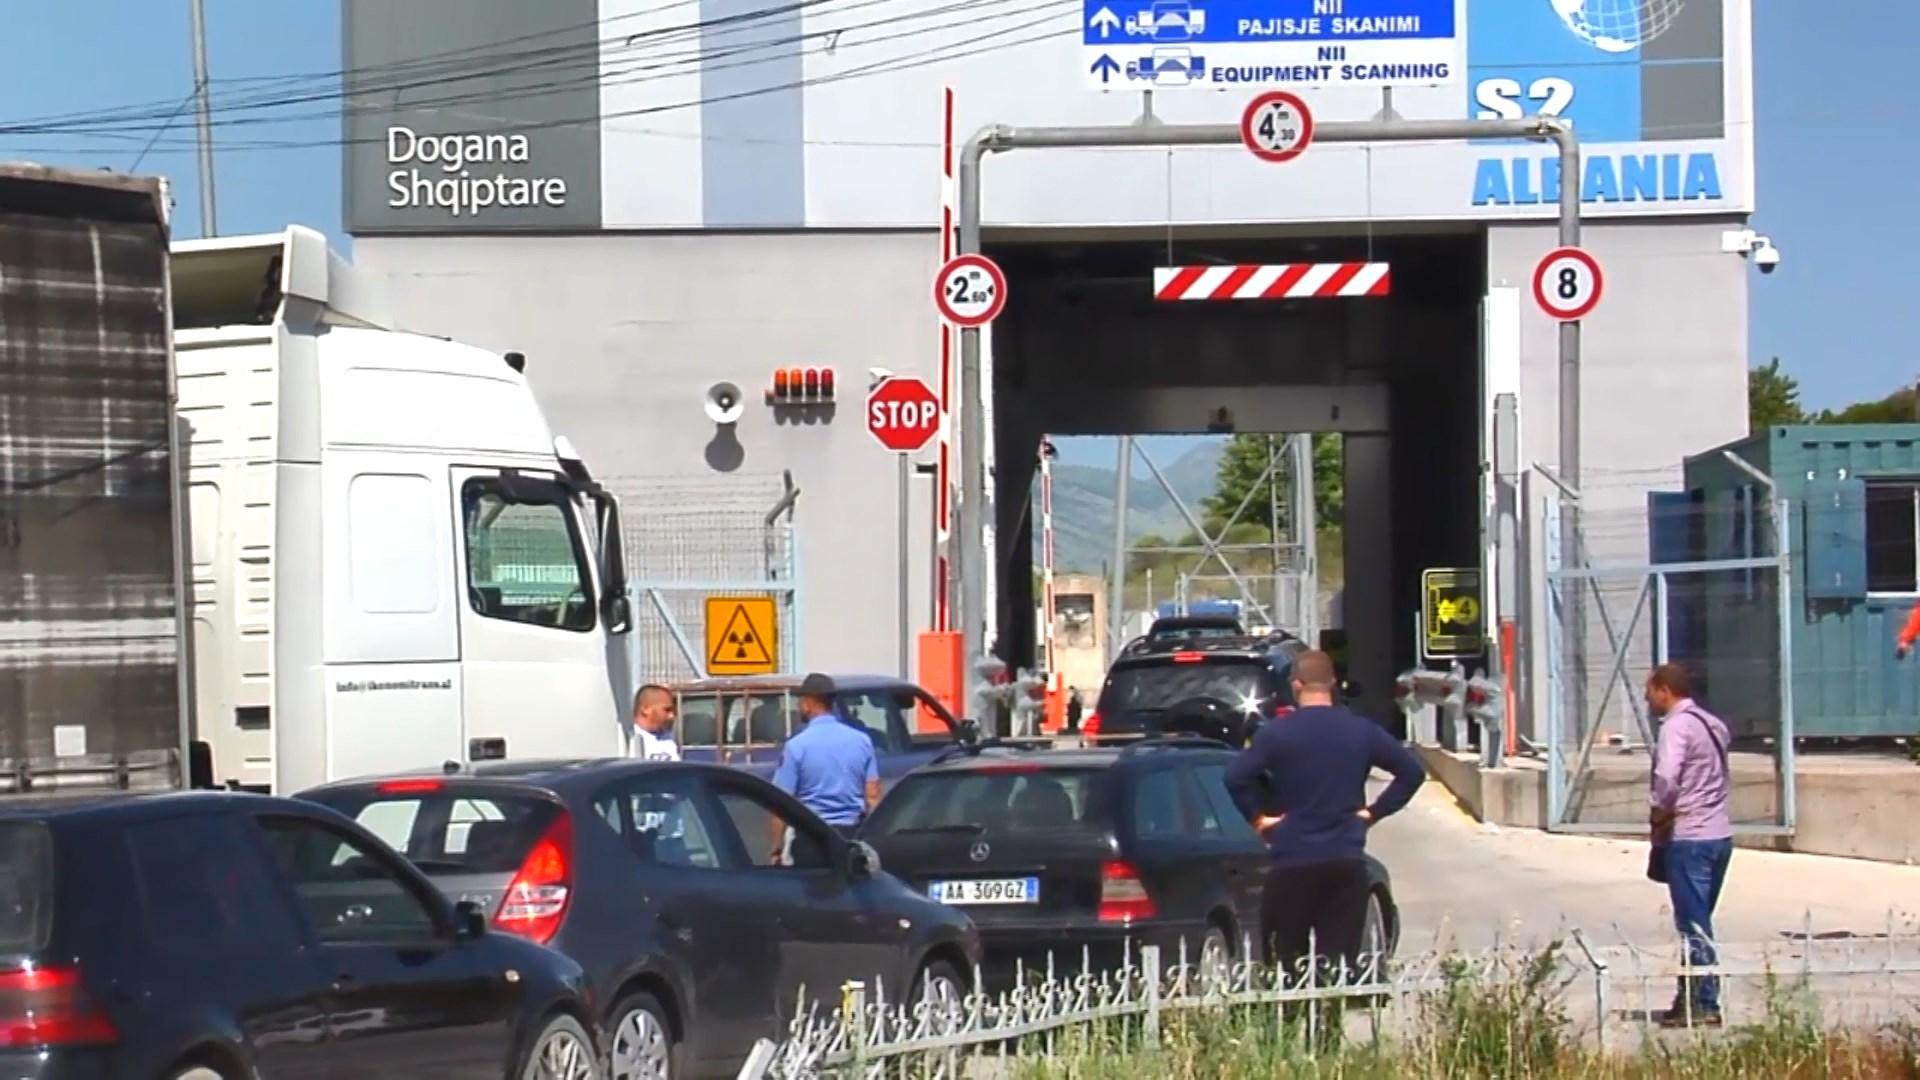 Kapet italiani me drogë në Qafë Botë të Sarandës